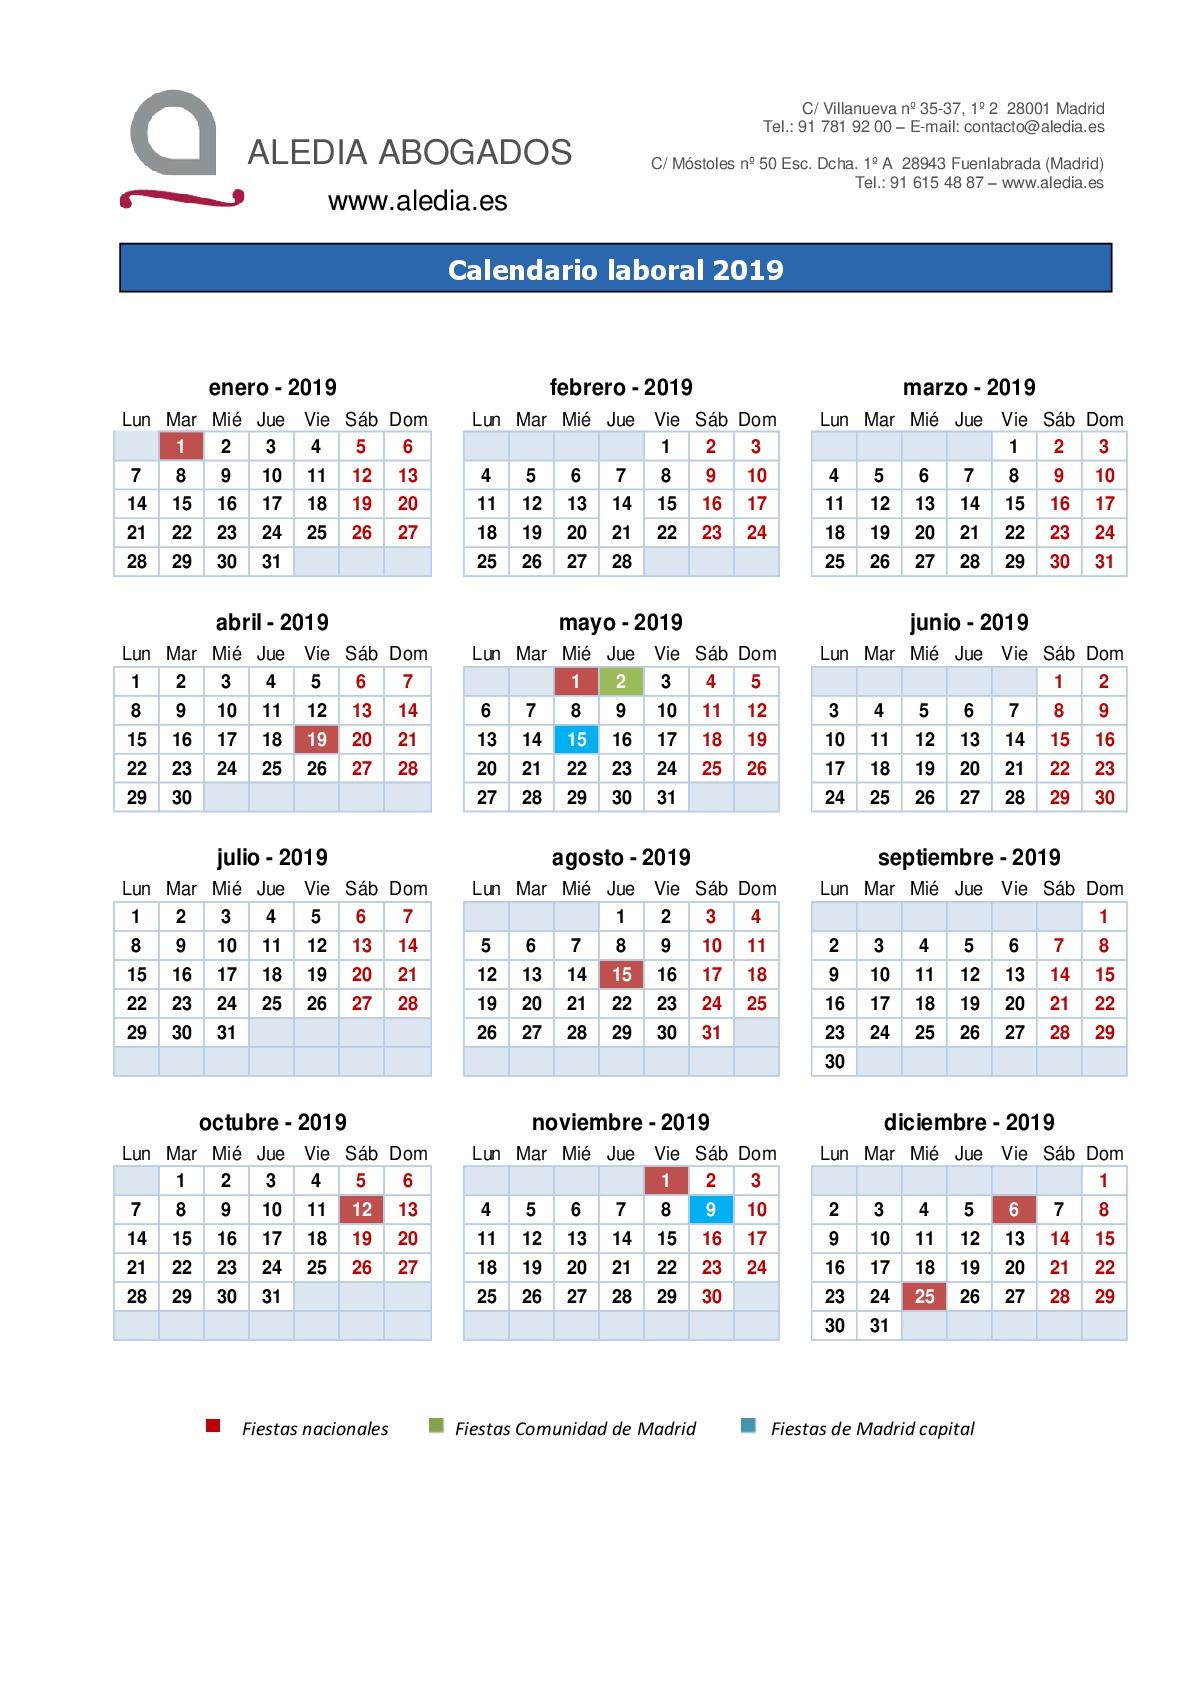 Boe Calendario.Calendario Laboral 2019 Aledia Abogados